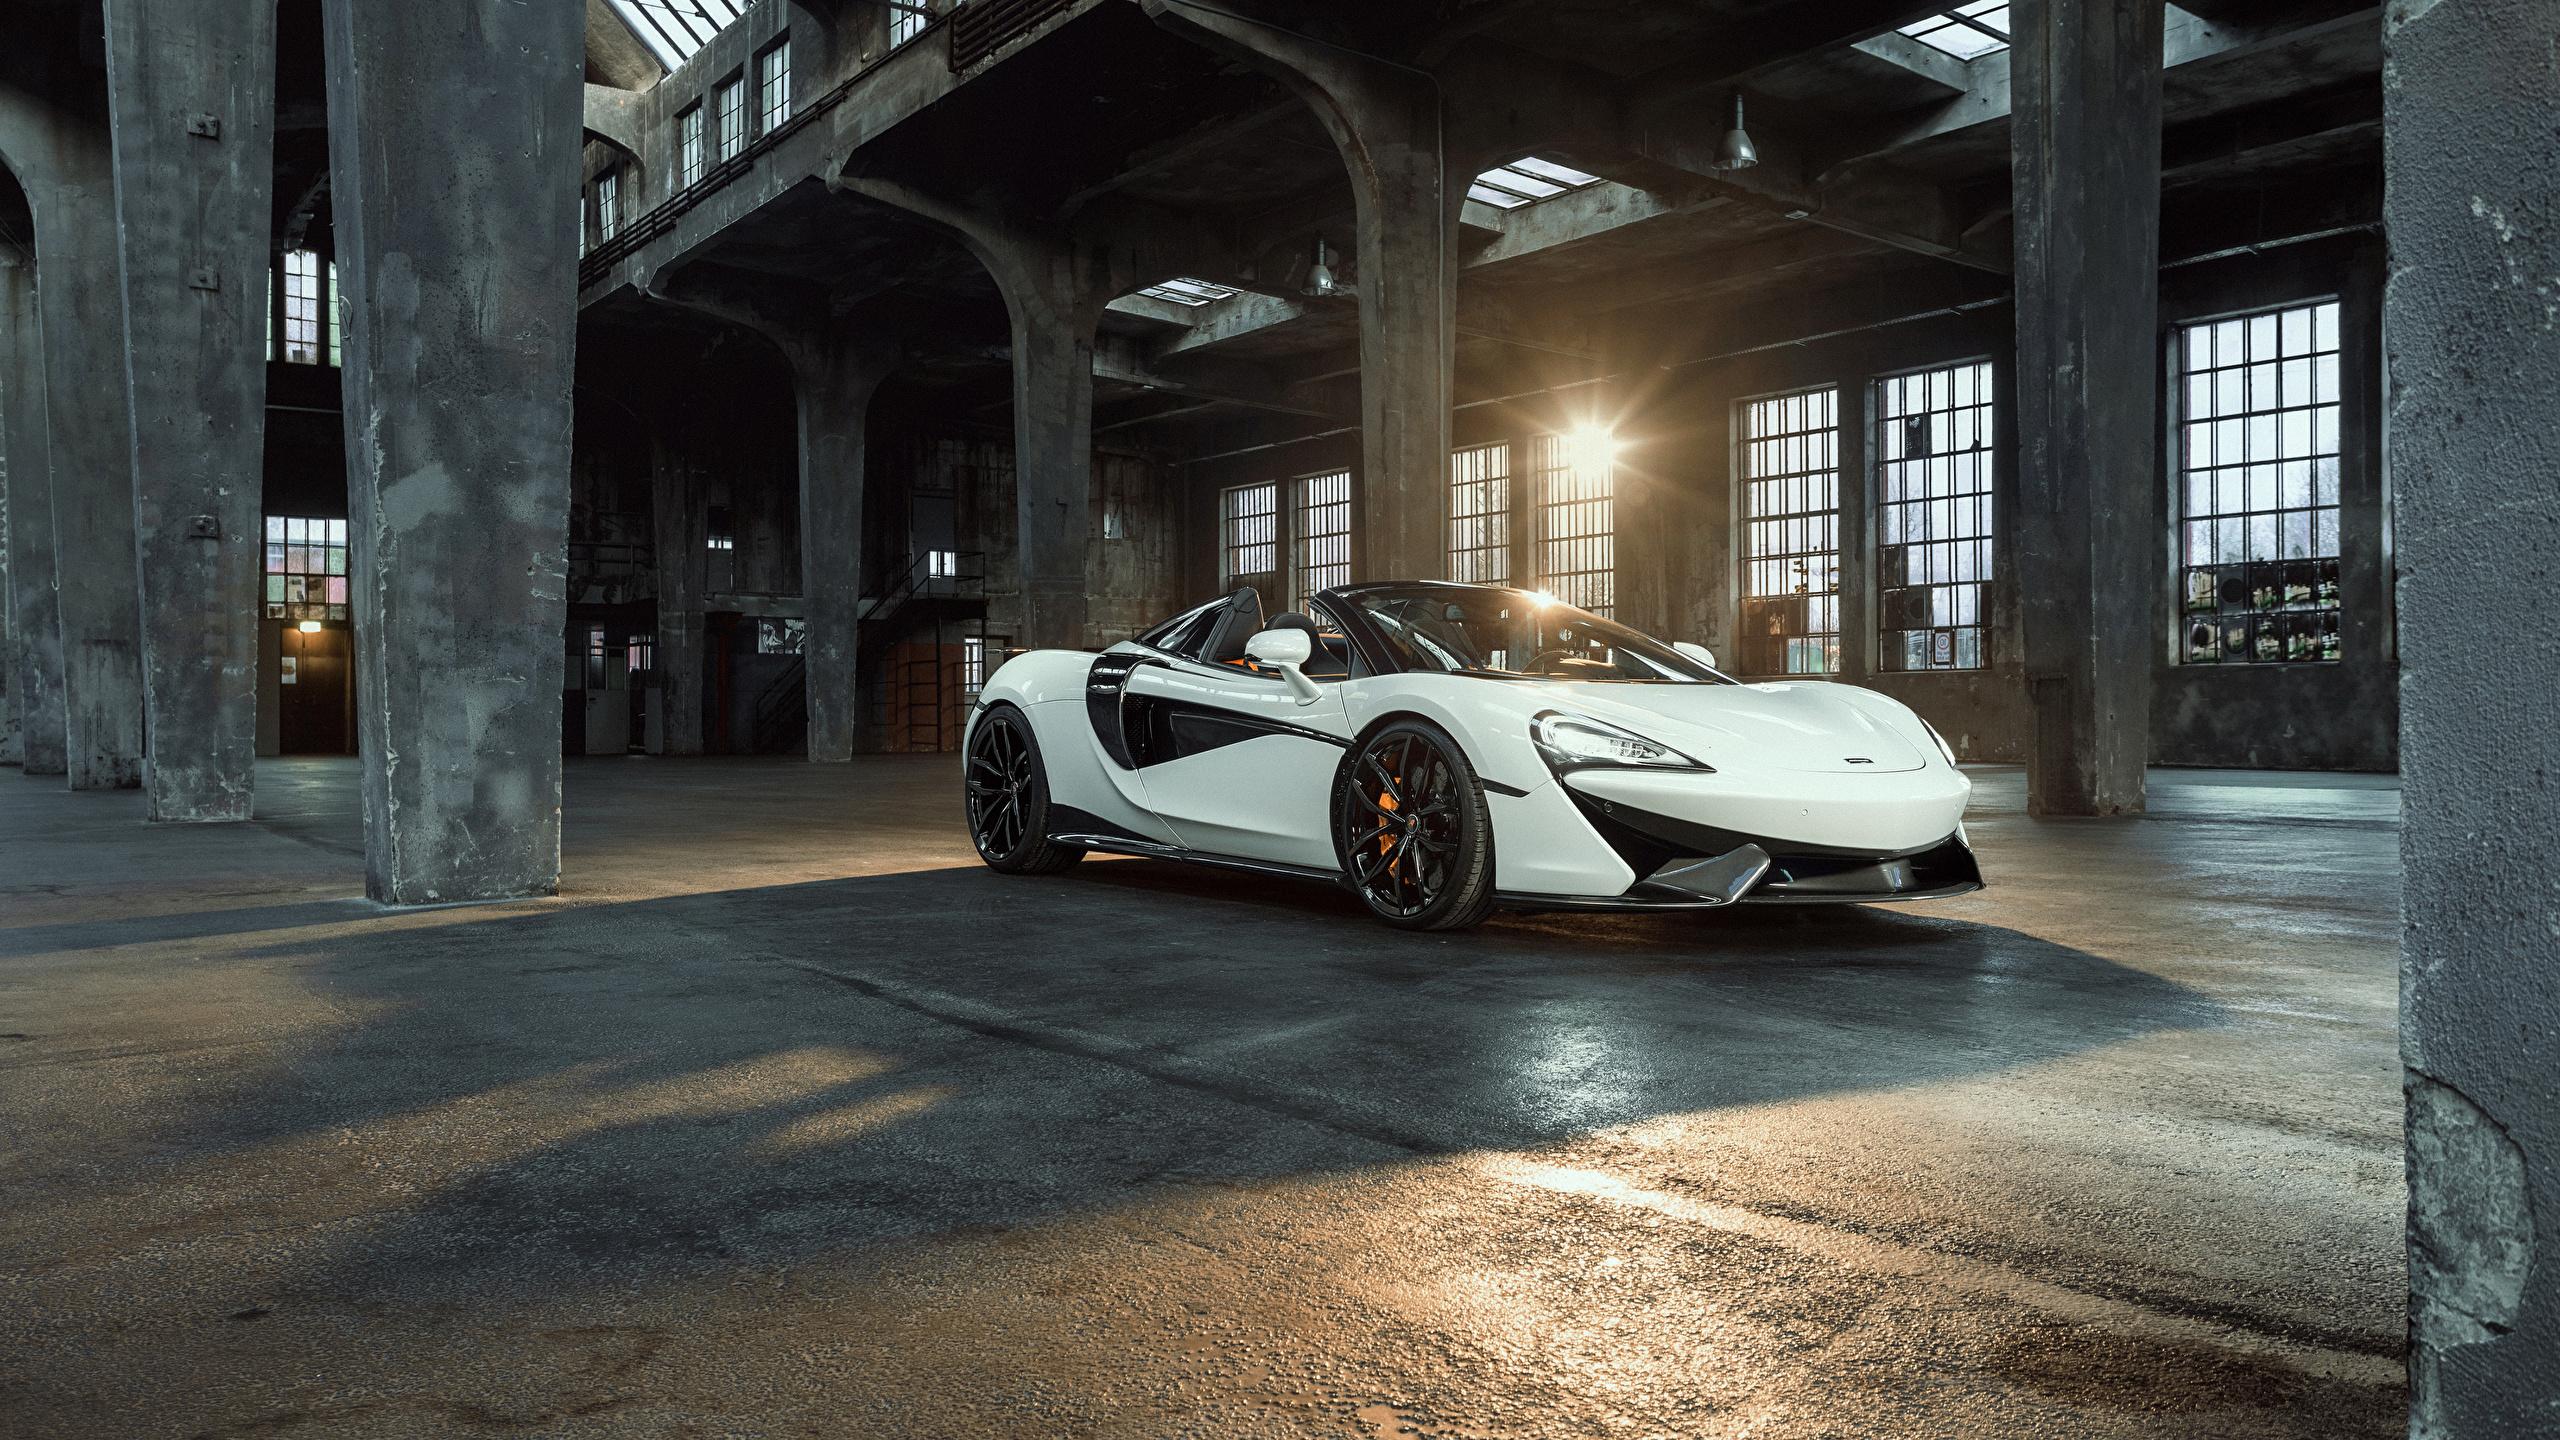 Картинка McLaren 2018 Novitec 570S Spider белые машины Металлик 2560x1440 Макларен белых Белый белая авто машина автомобиль Автомобили